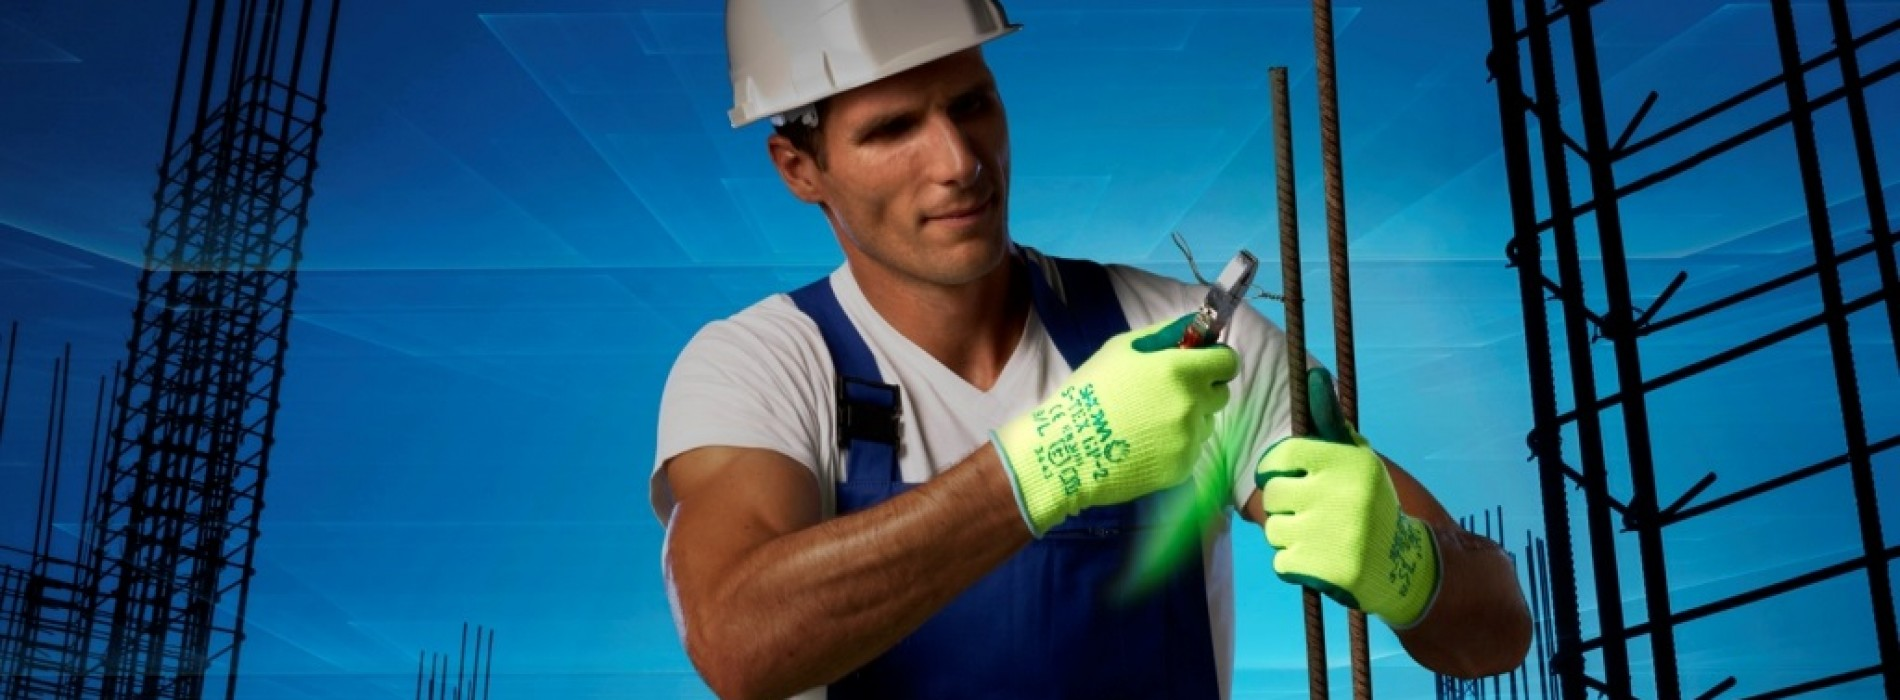 Jak rozpoznać funkcje pracowników na placu budowy i nie tylko